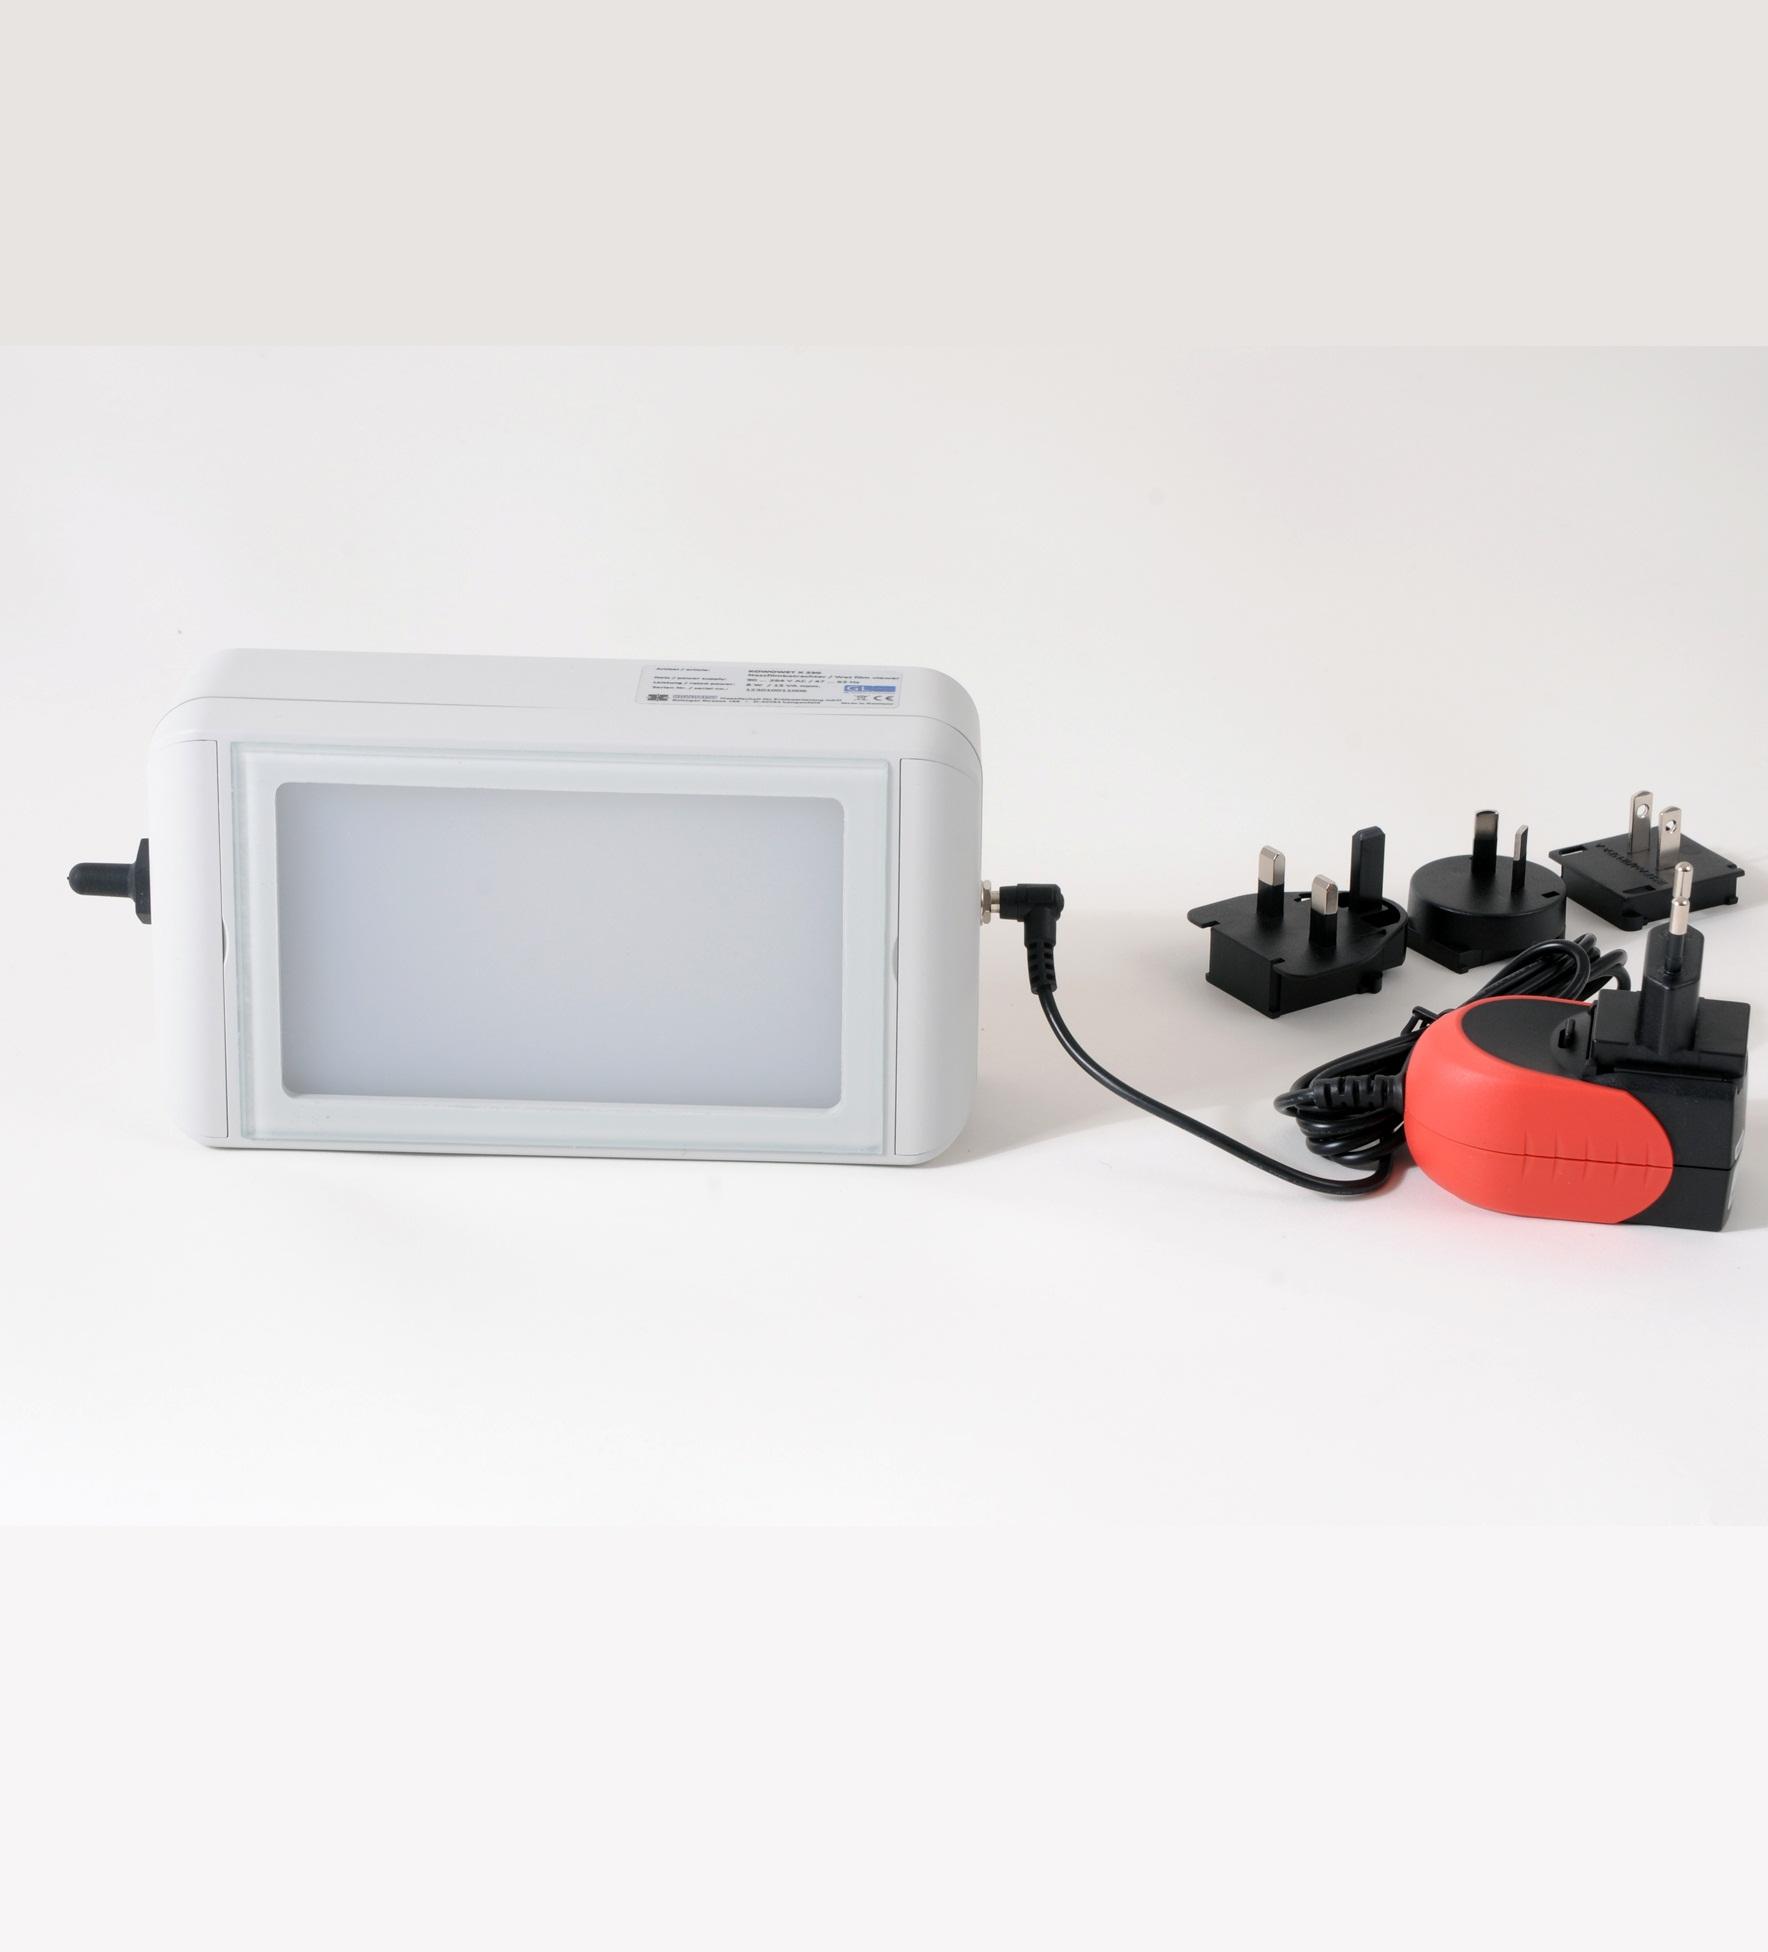 Kowowet X szériás vízálló filmkiértékelő lámpák